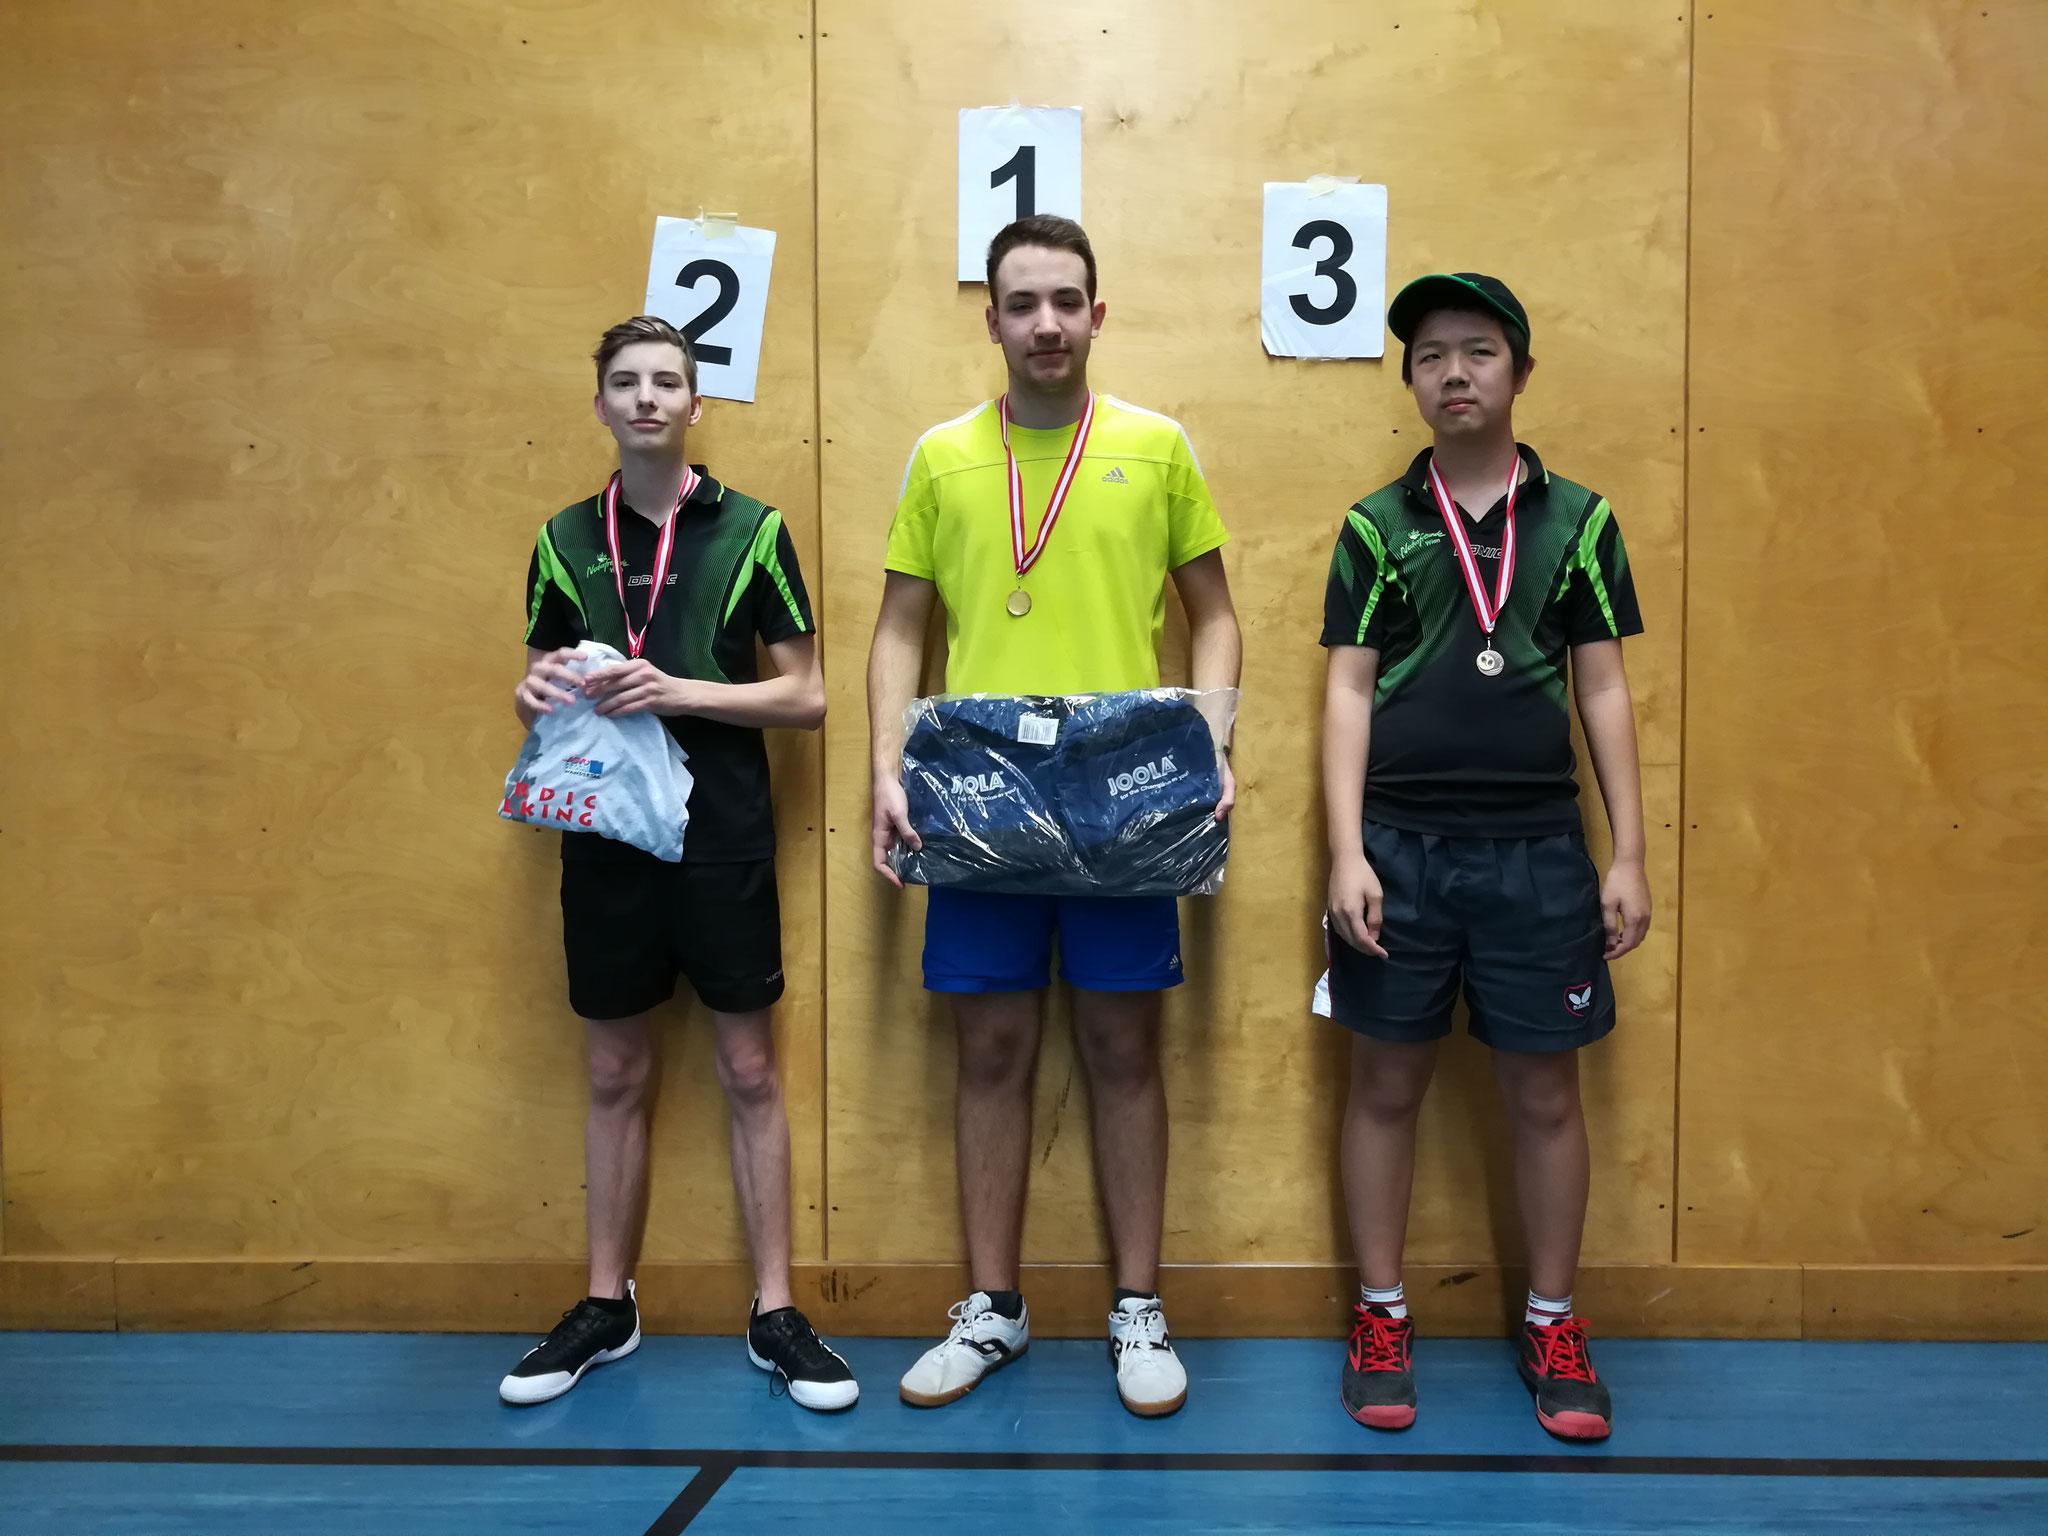 Gesamtsieger Bewerb C: v.l.n.r. Martin Trausmuth (NFS) (Platz 2), Martin Liebert (OLY) (Sieger), Eric Tang (NFS) (Platz 3)